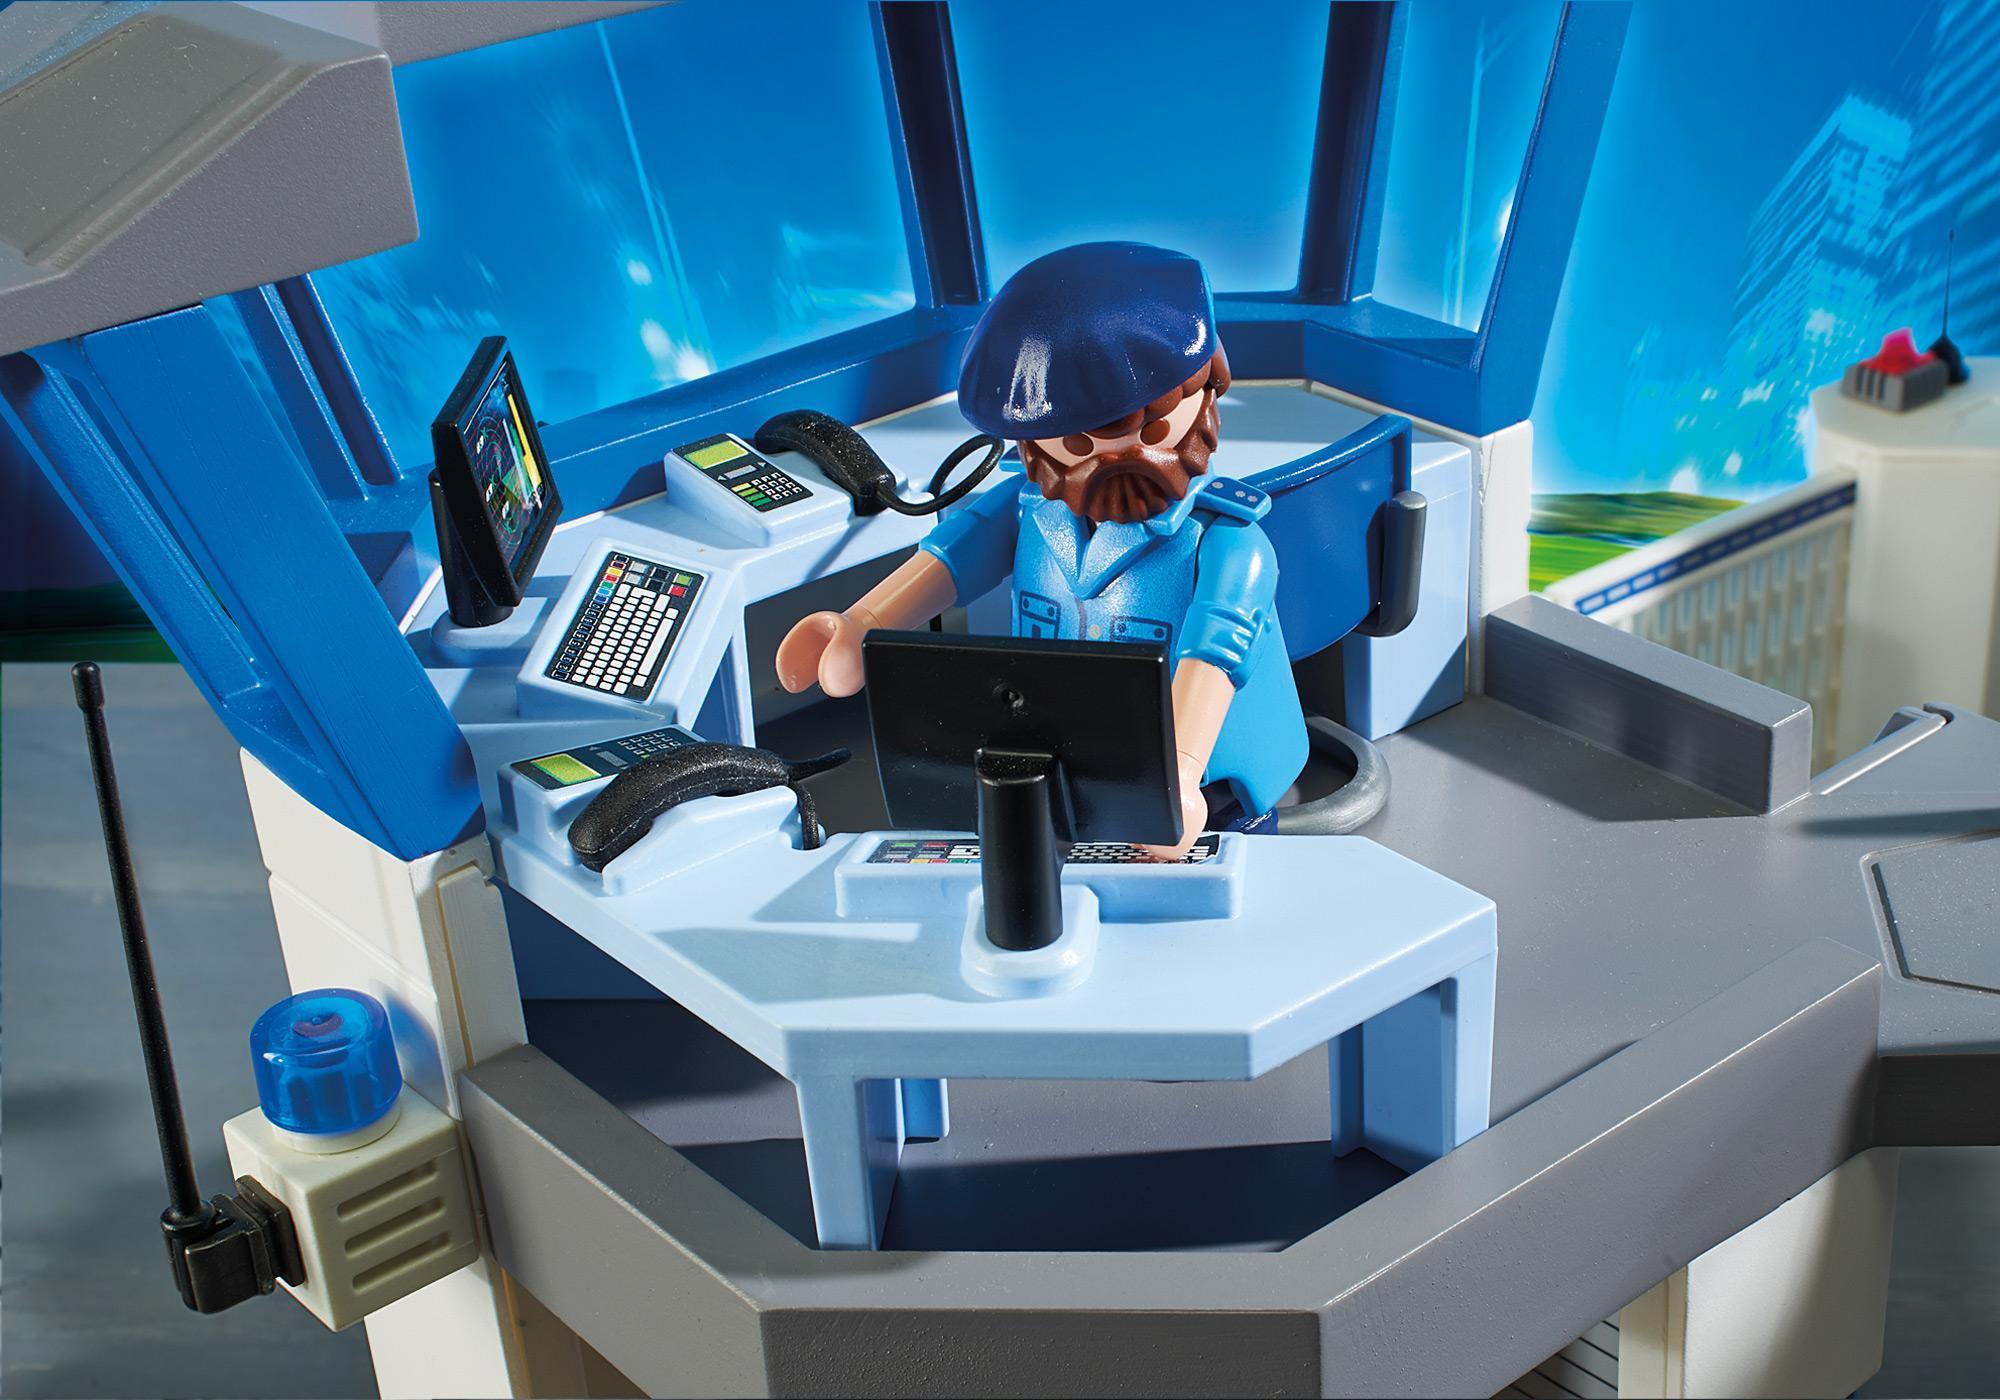 http://media.playmobil.com/i/playmobil/6919_product_extra5/Stazione della polizia con prigione